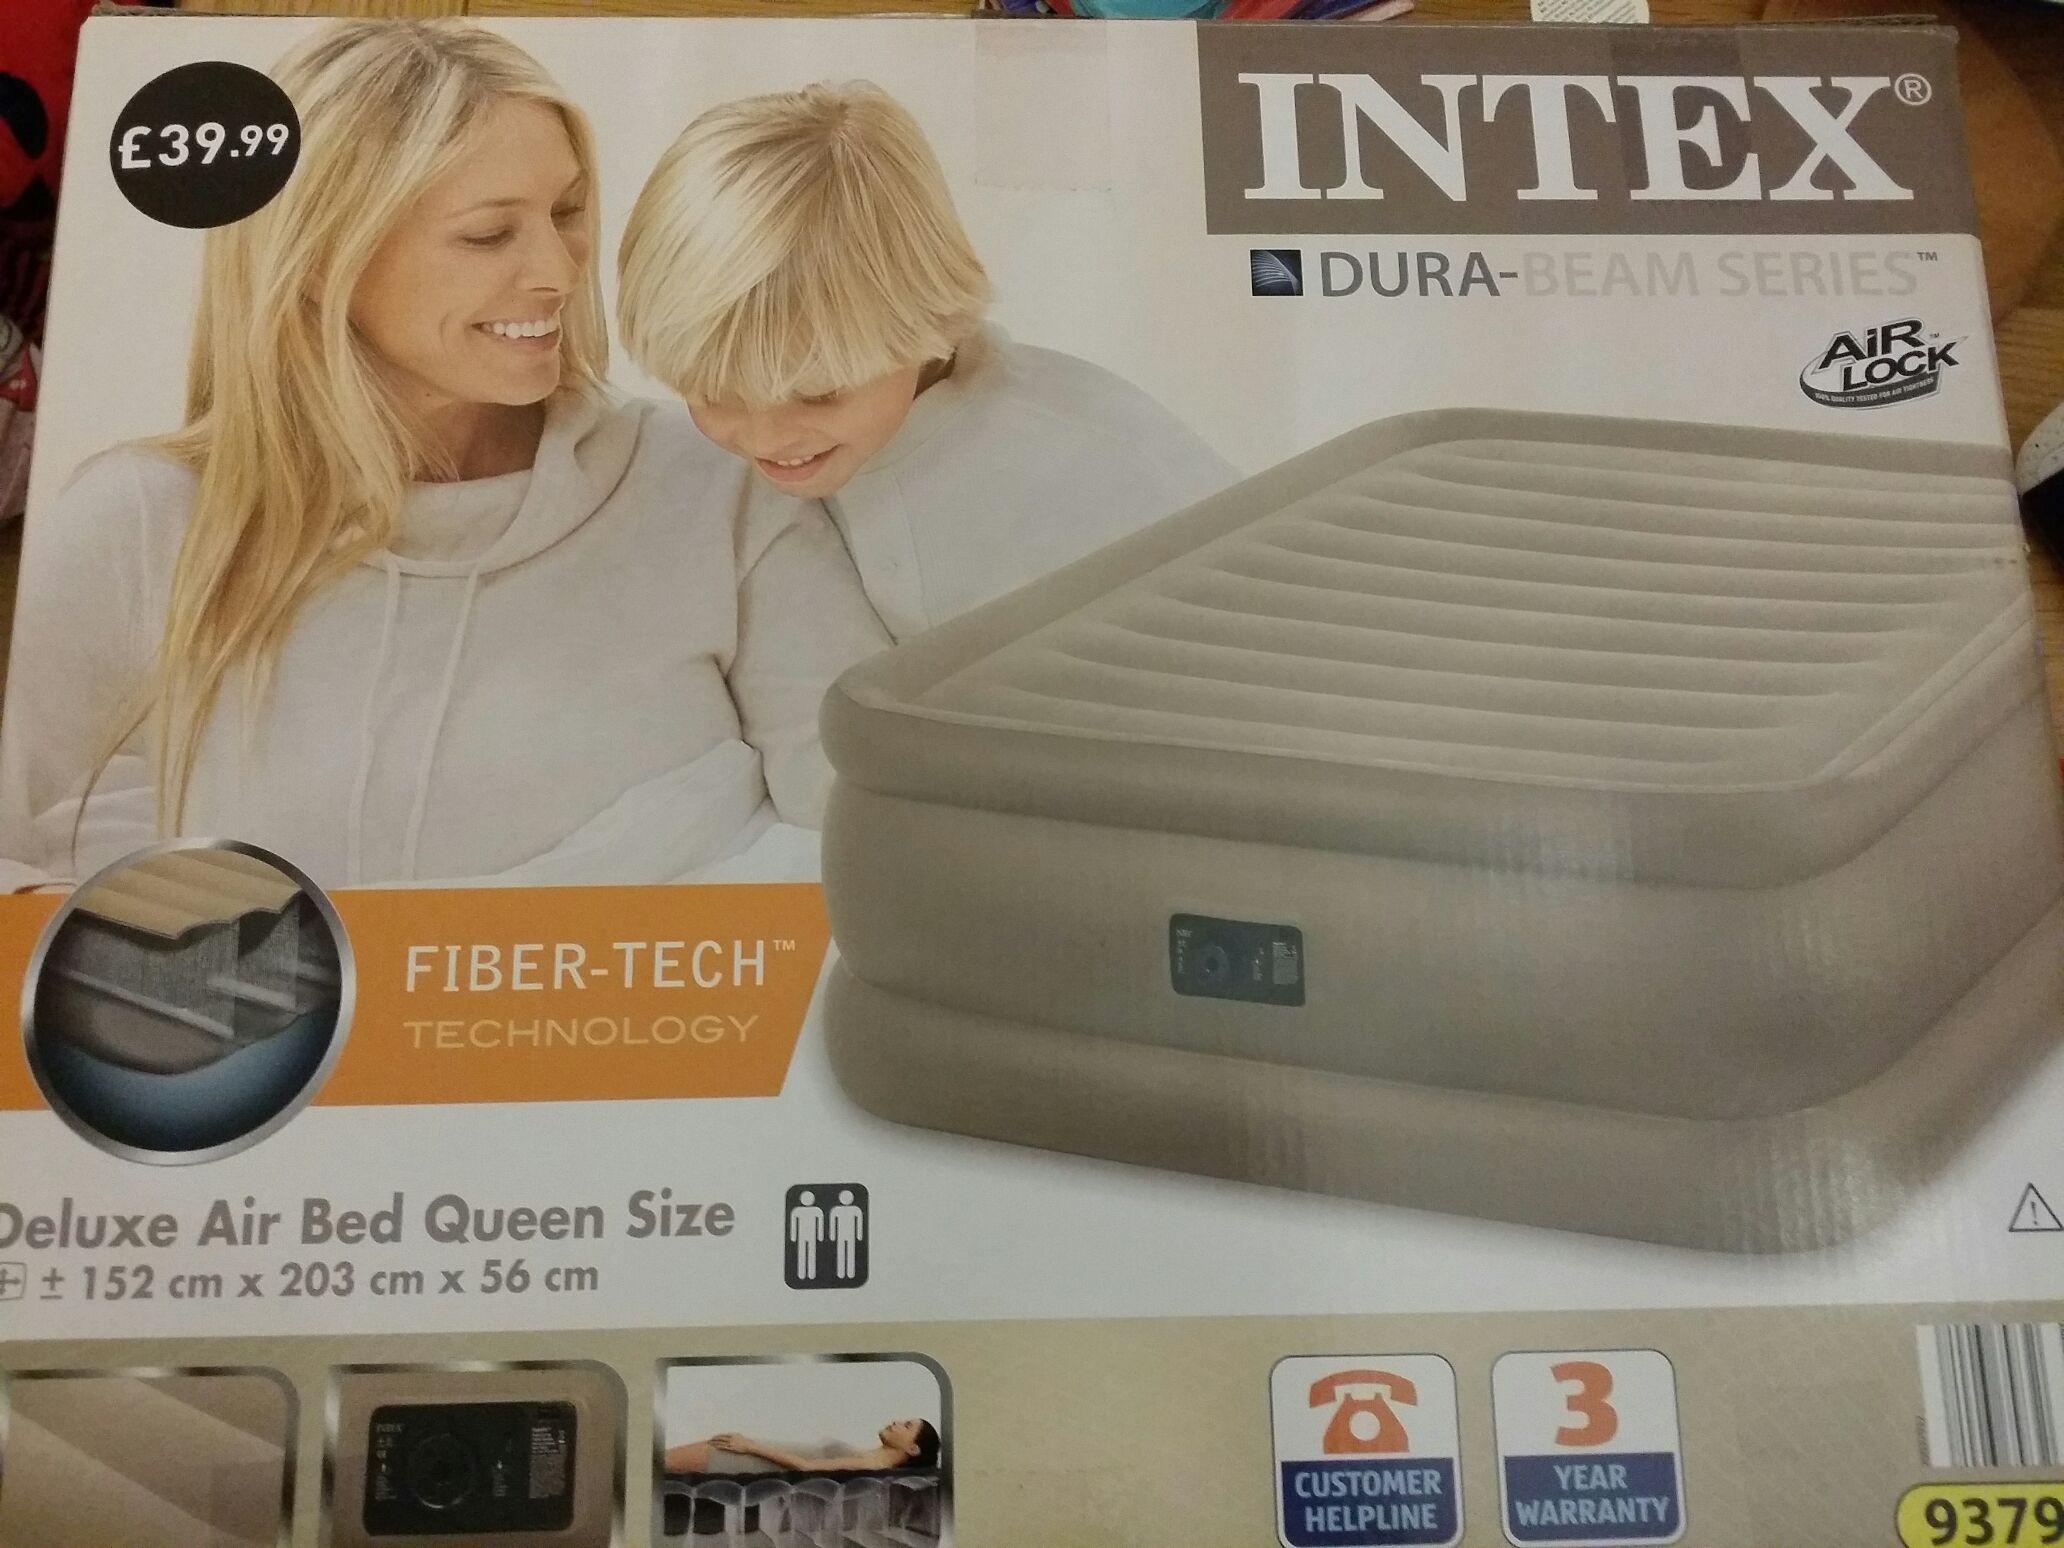 Intex Deluxe Air Bed Queen Size & built-in pump £12.99 @Aldi in-store